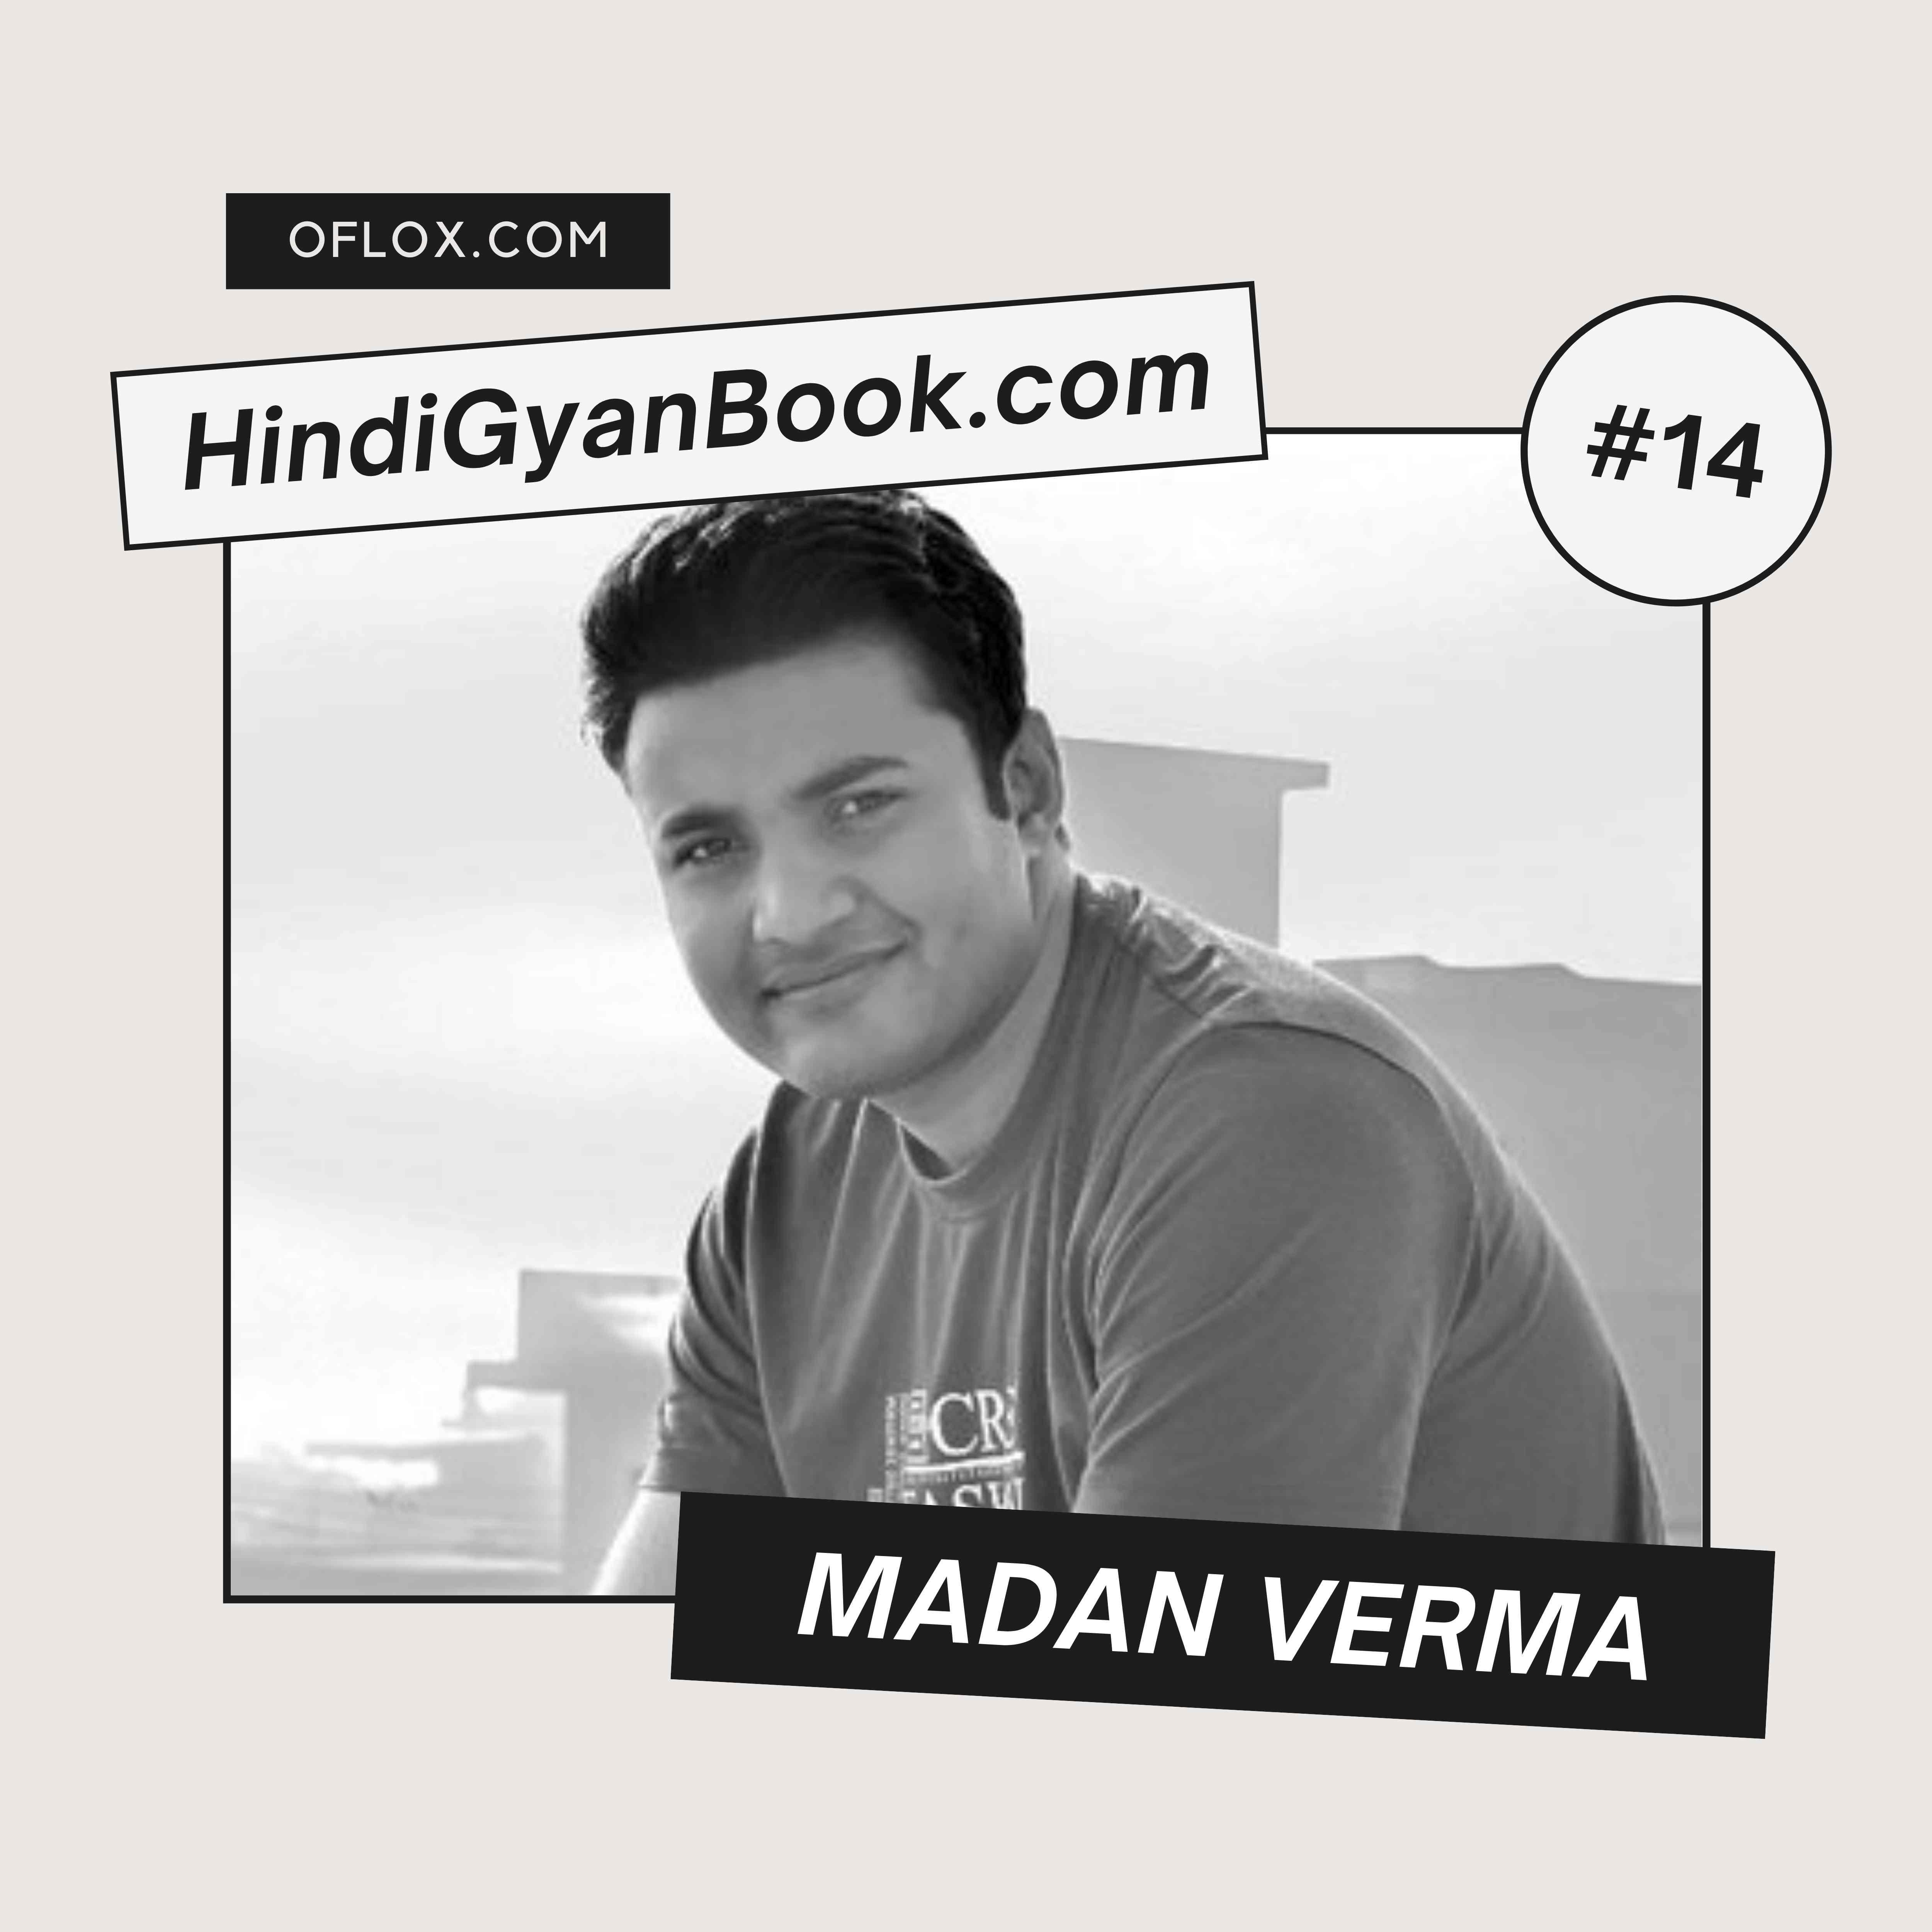 hindigyanbook.com